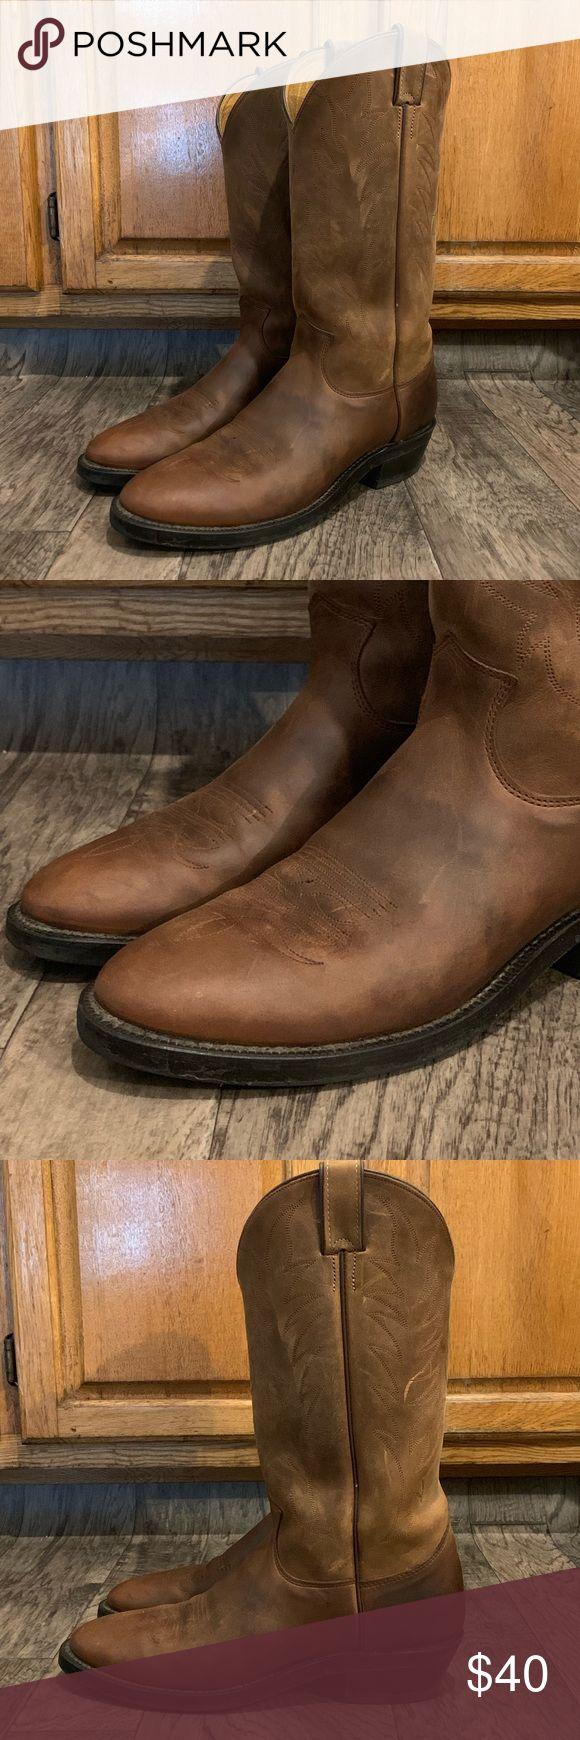 Justin Boots Botas ocidentais de caubói Tamanho 10,5 B EUC Excelente condição de propriedade! …